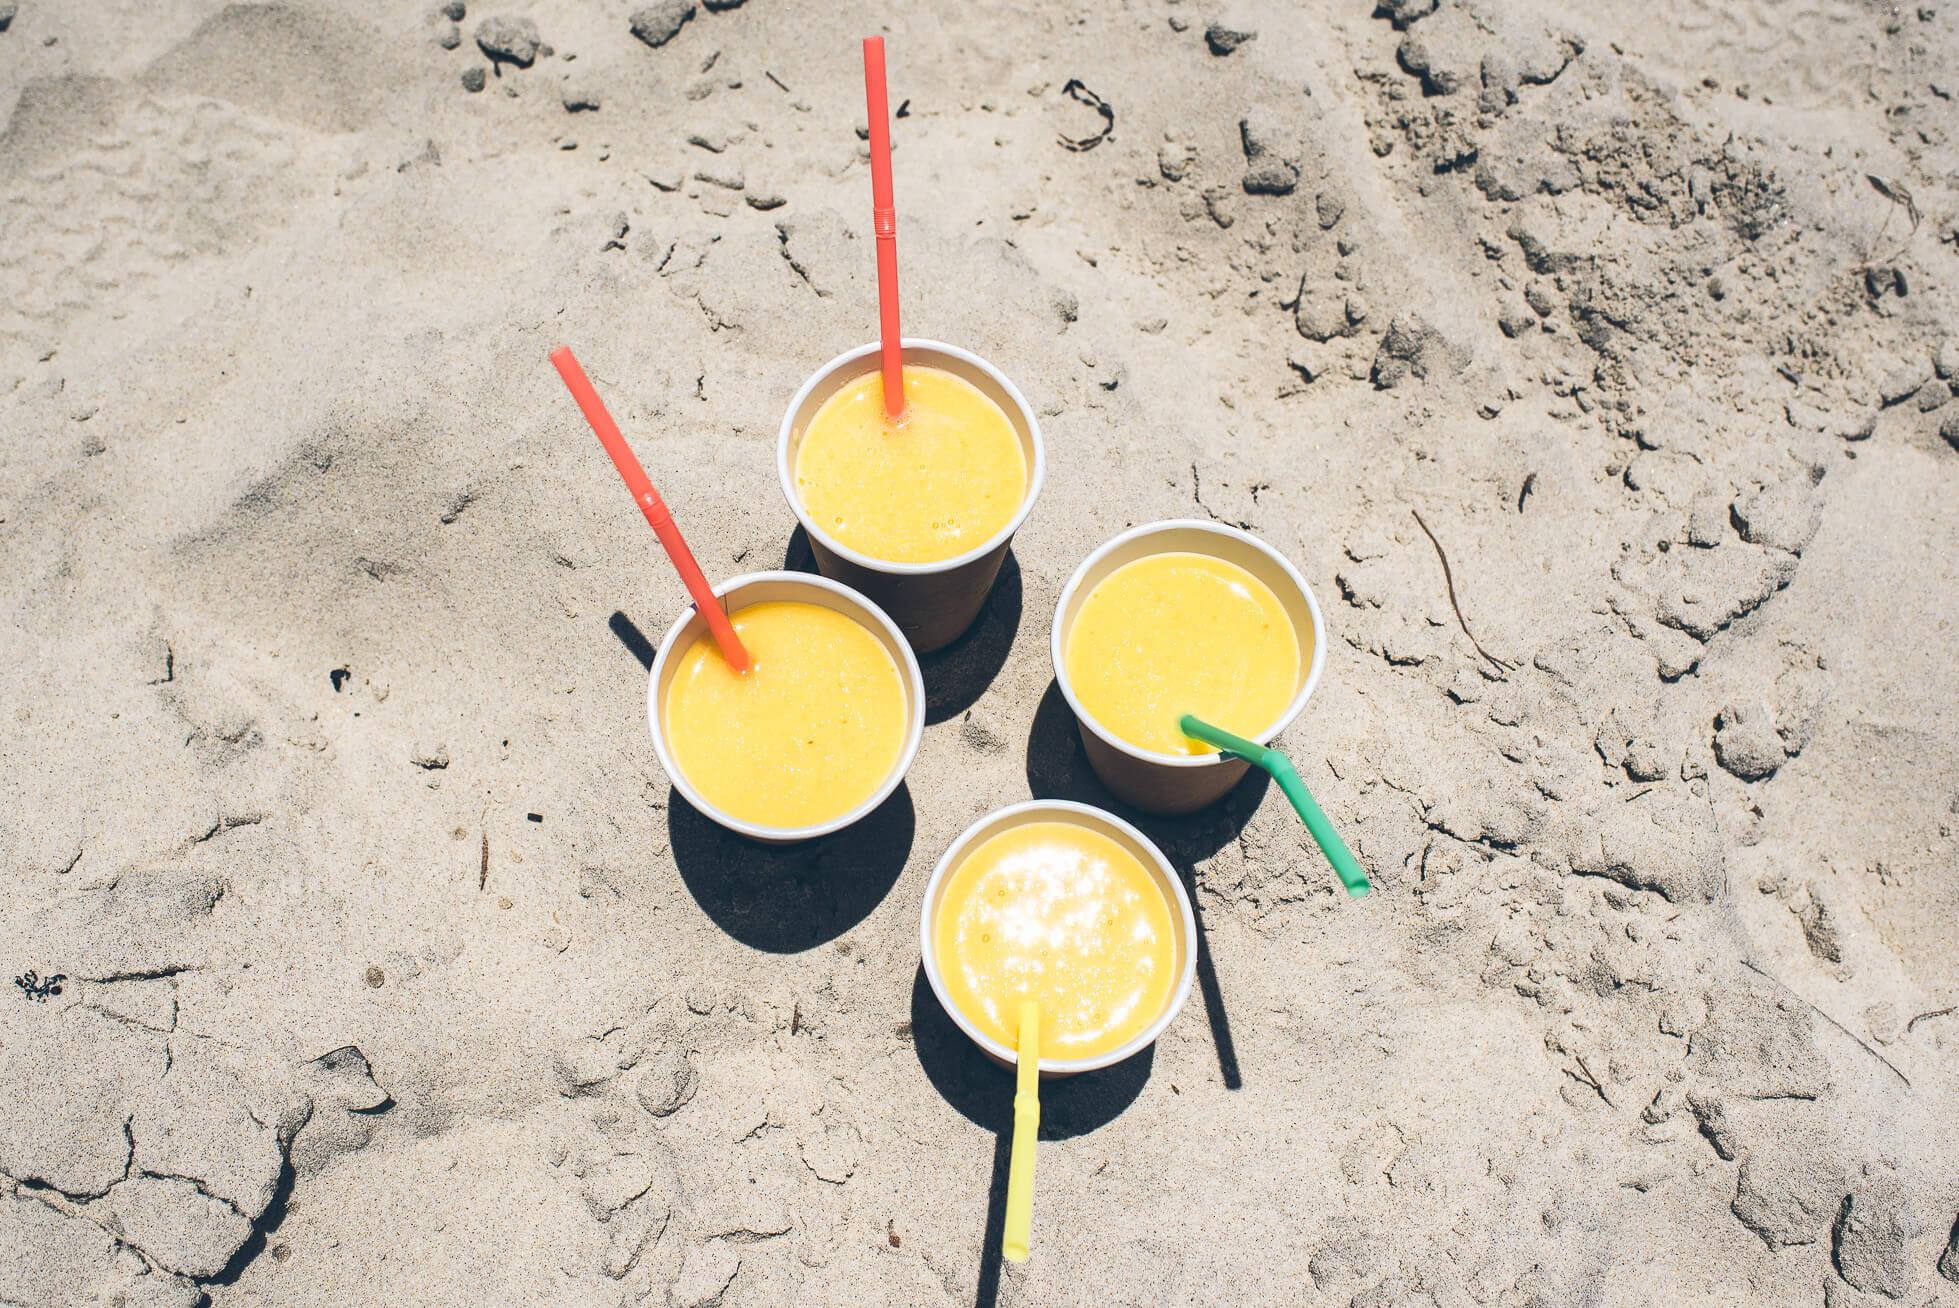 janni-deler-wategos-beachDSC_4167